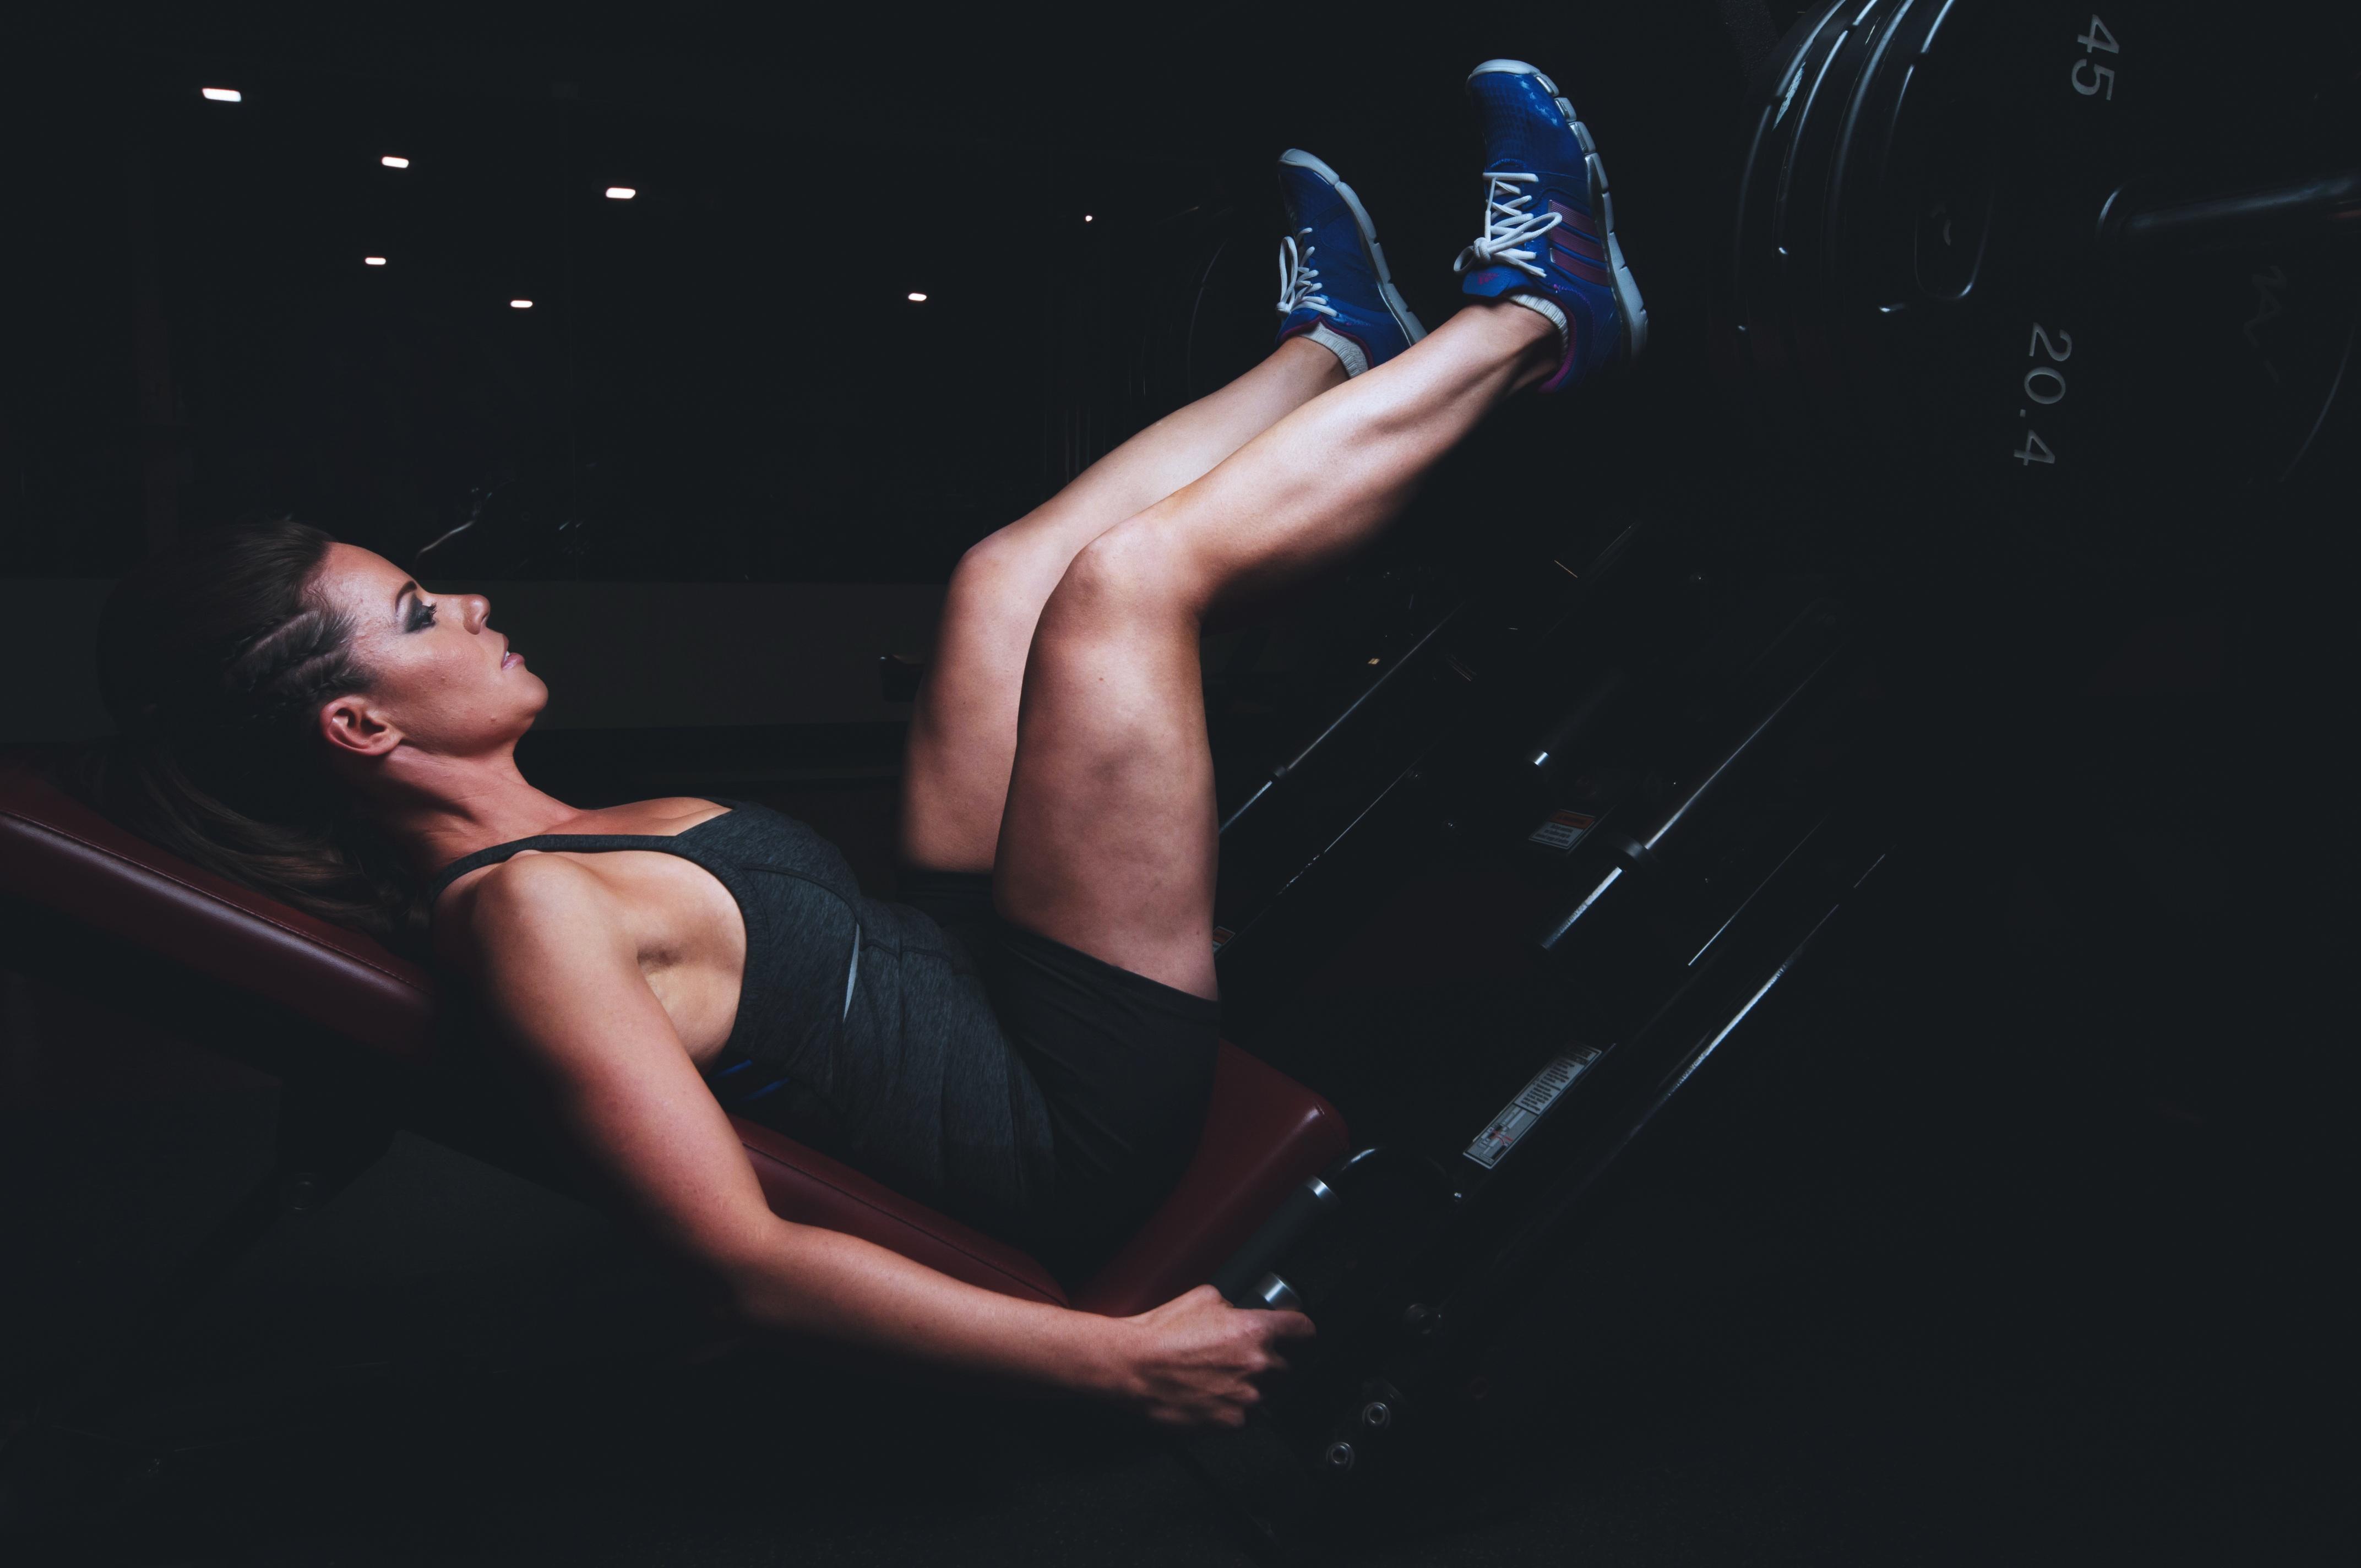 effektive Übung für schlanke Beine